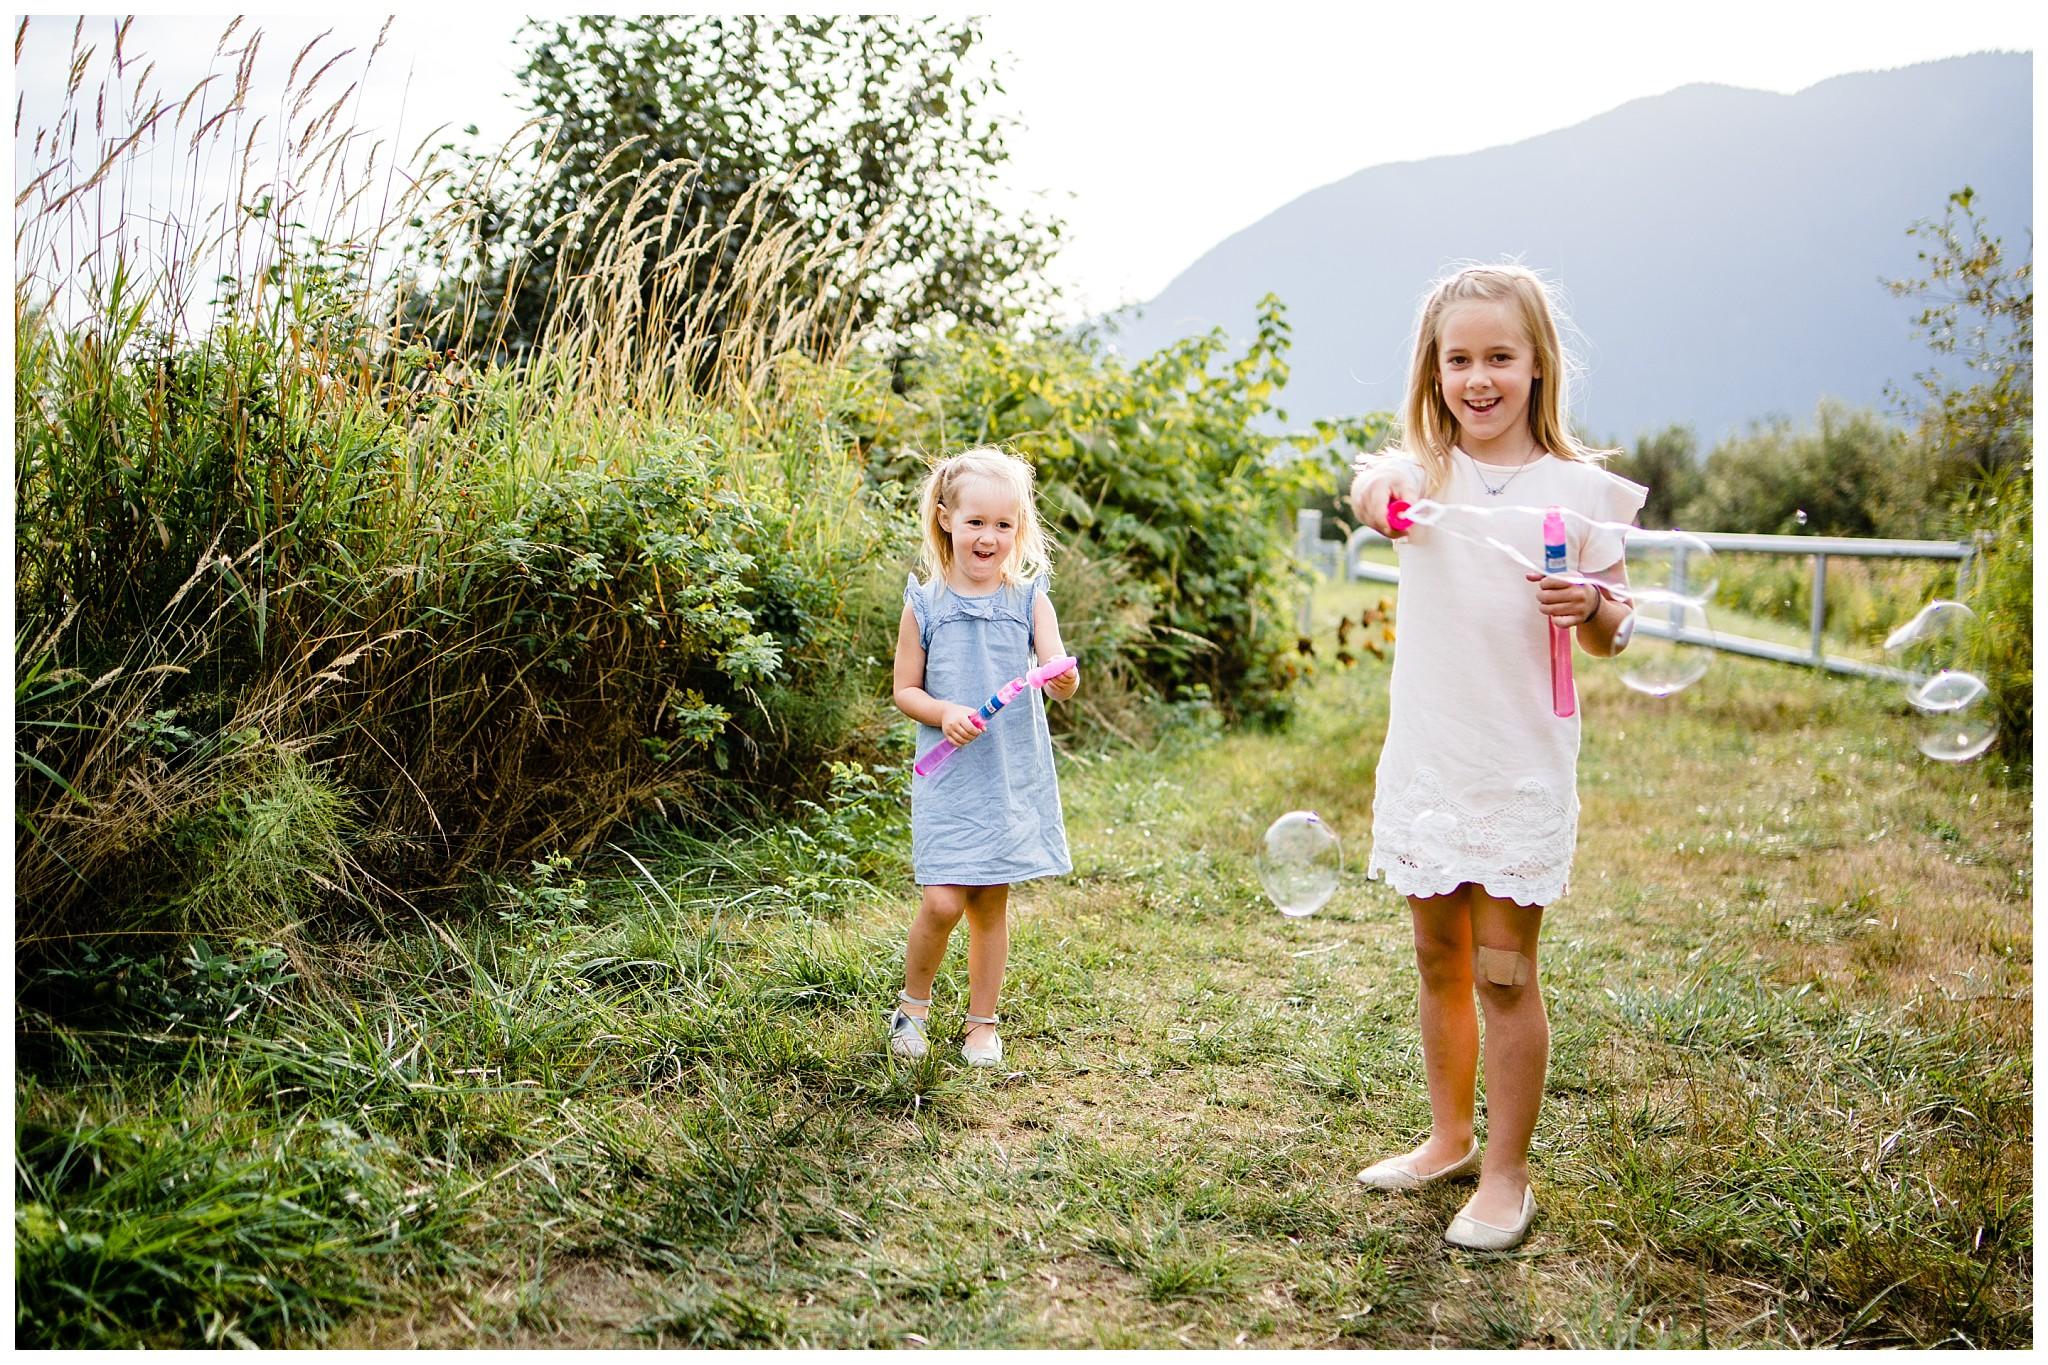 Pitt Lake Documentary Family Photographer Bubbles Mud Family of 6 Boys Girls Children_0085.jpg